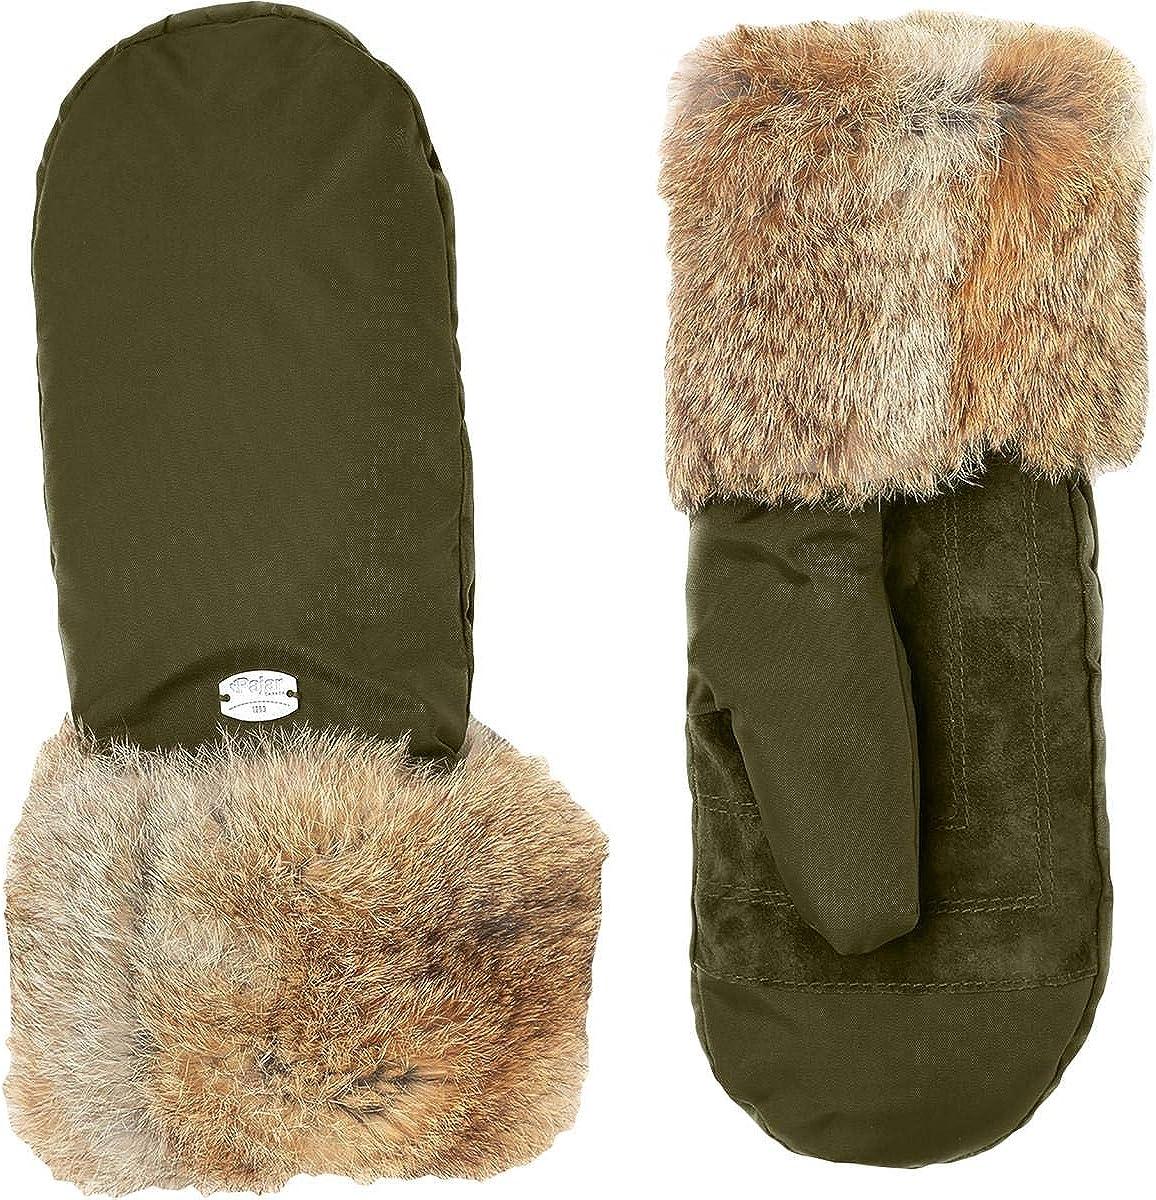 Pajar Reid Women's Rabbit Fur Trim Warm Winter Sueded Mittens (M/L, Military)